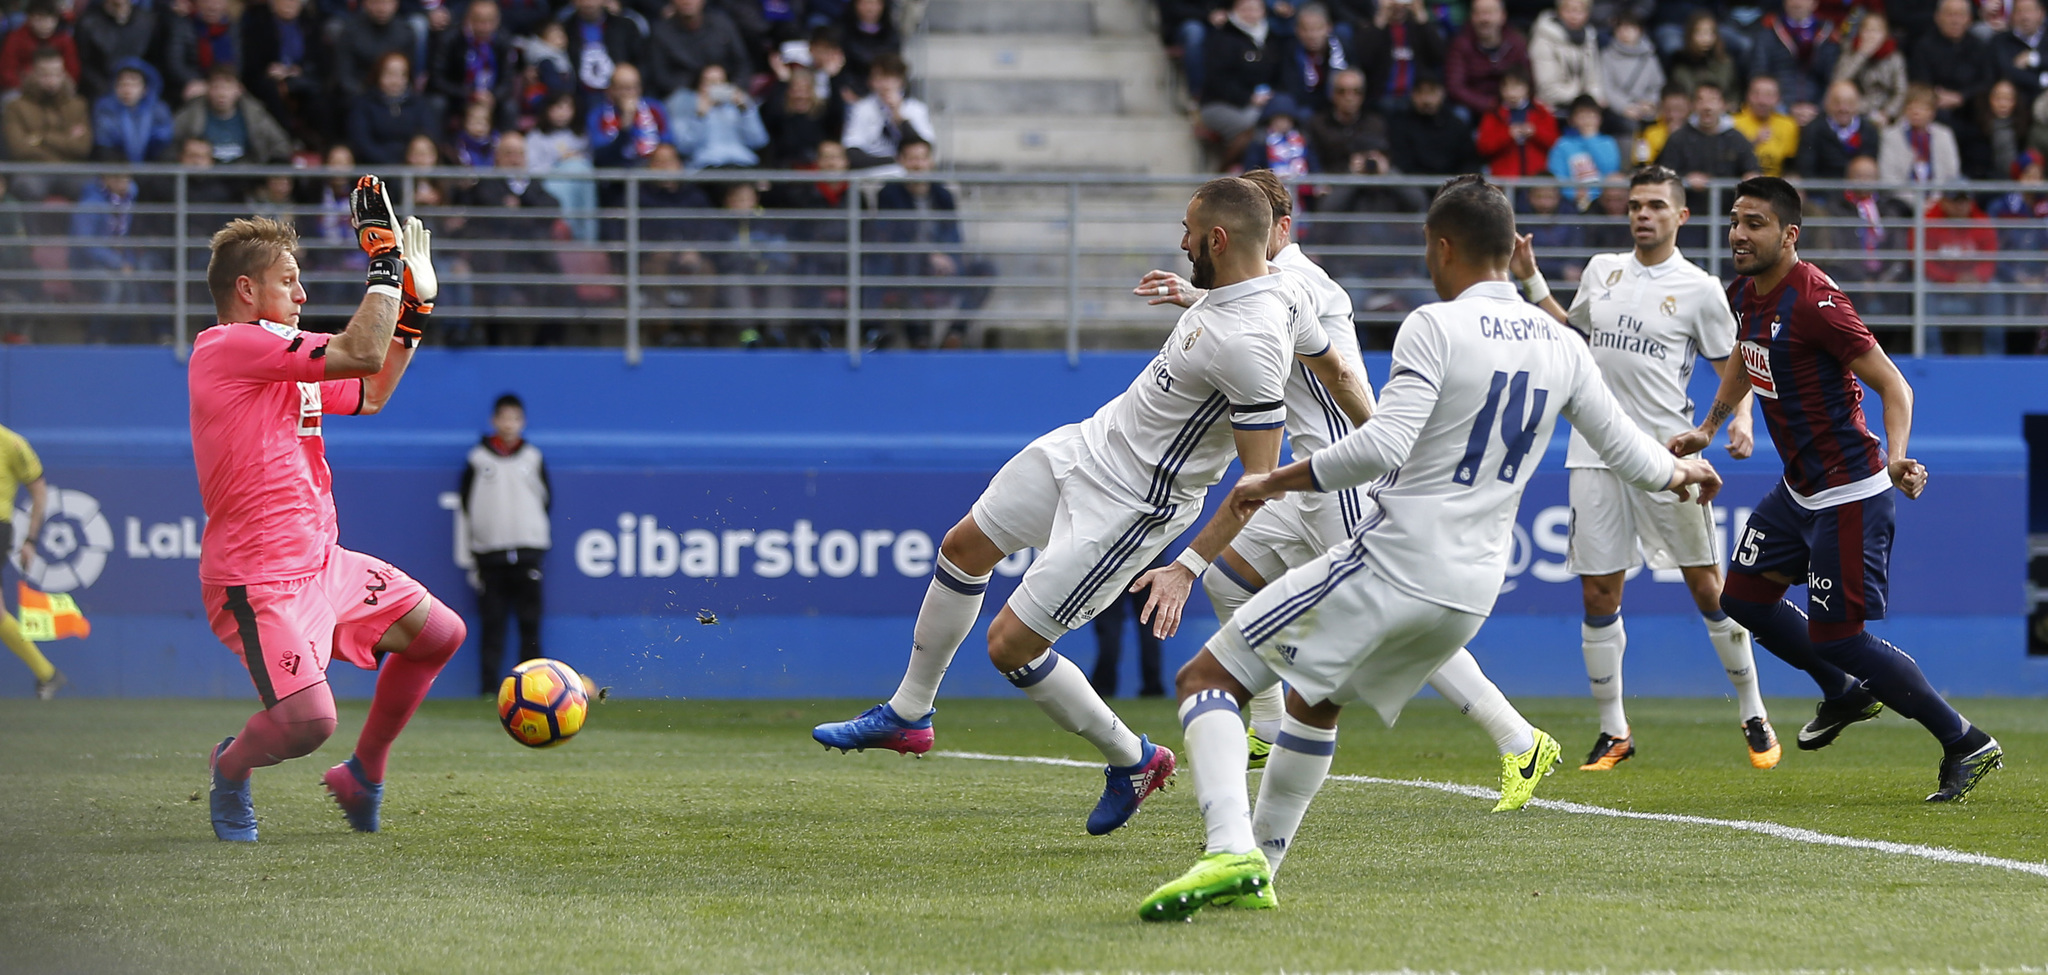 بالفيديو: ريال مدريد يتخطى إيبار بسهولة في الليغا